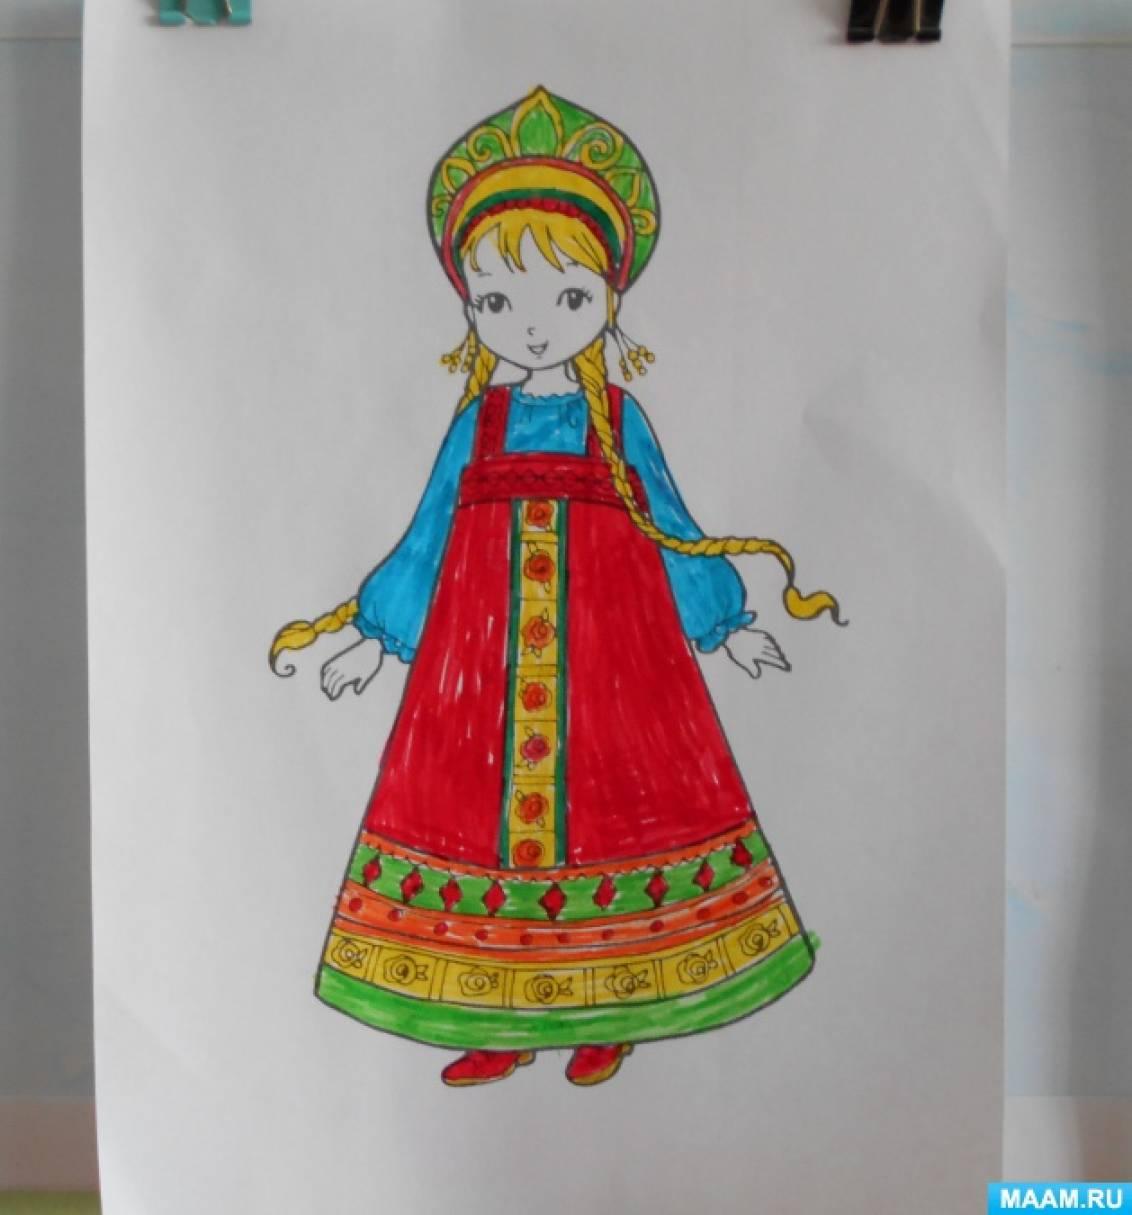 Картинки народные костюмы для детского сада, открытка днем рождения